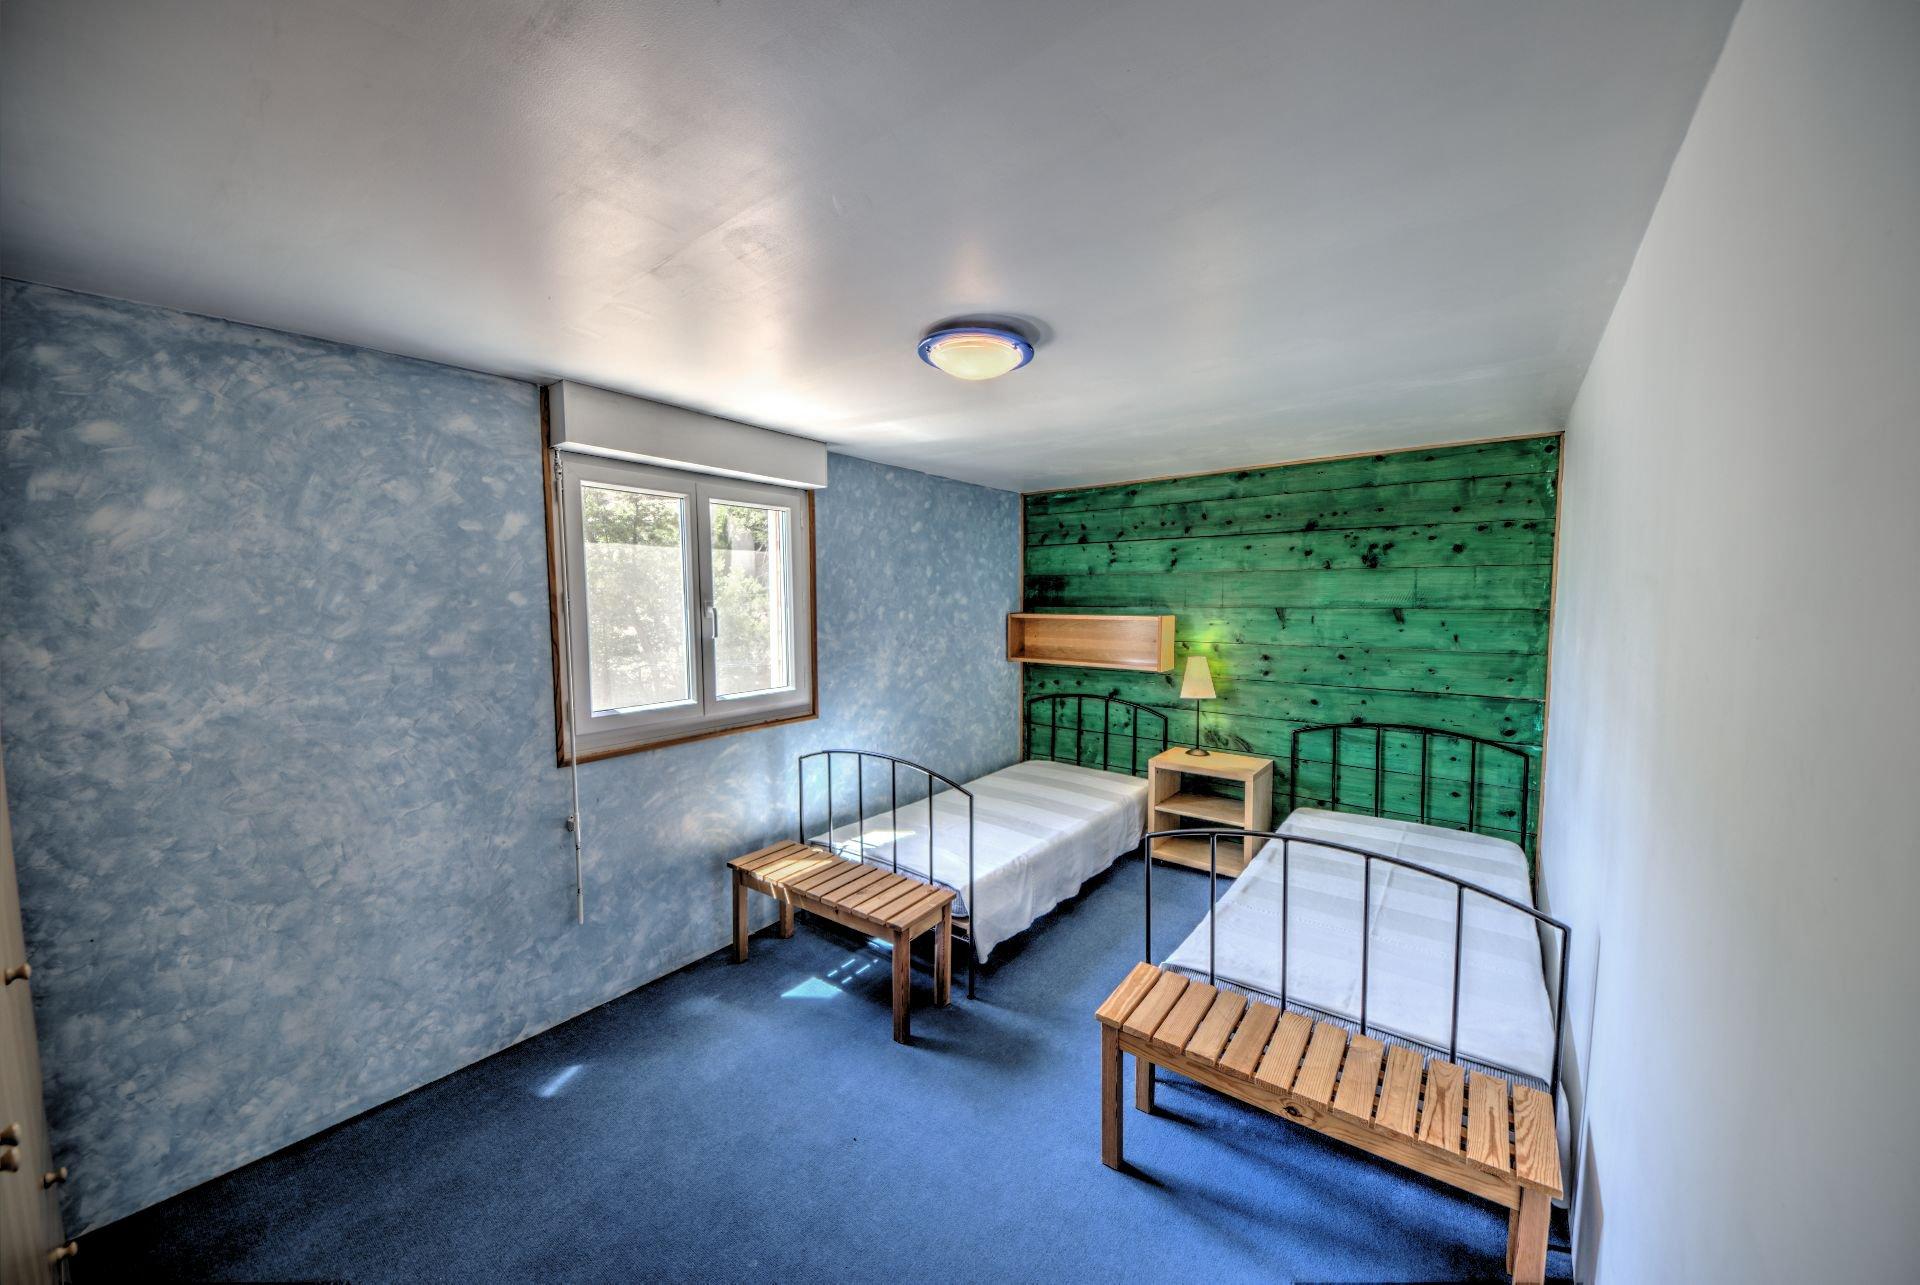 Chambre 4 1er étage de Maison à ossature bois HPE, 180 m², 5 ch, piscine, Aups, Var, Provence, Paca